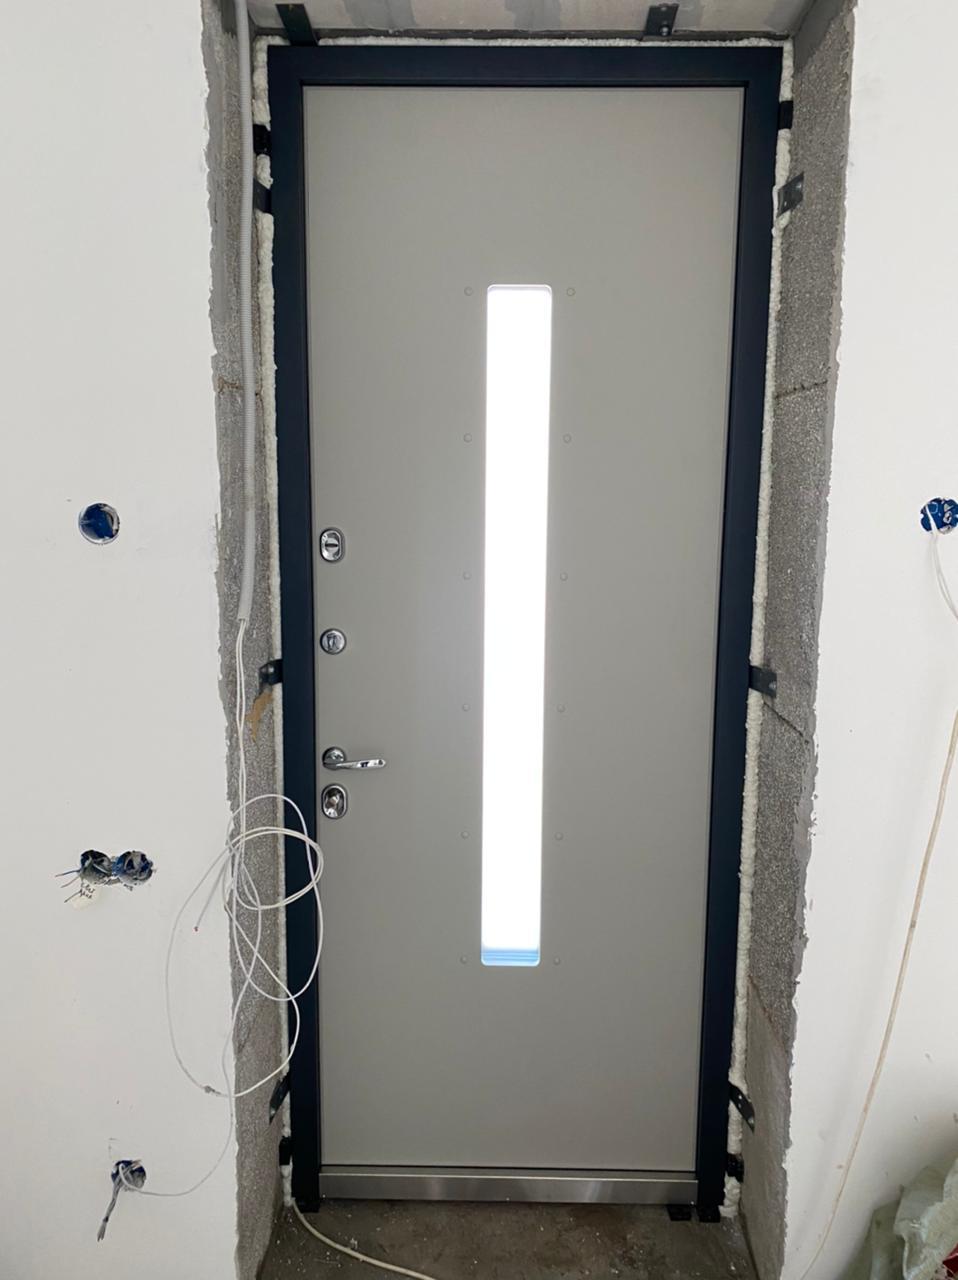 входная уличная дверь с терморазрывом и окном стальная линия отделка steellak Серый ral 7044 рисунок о-с2